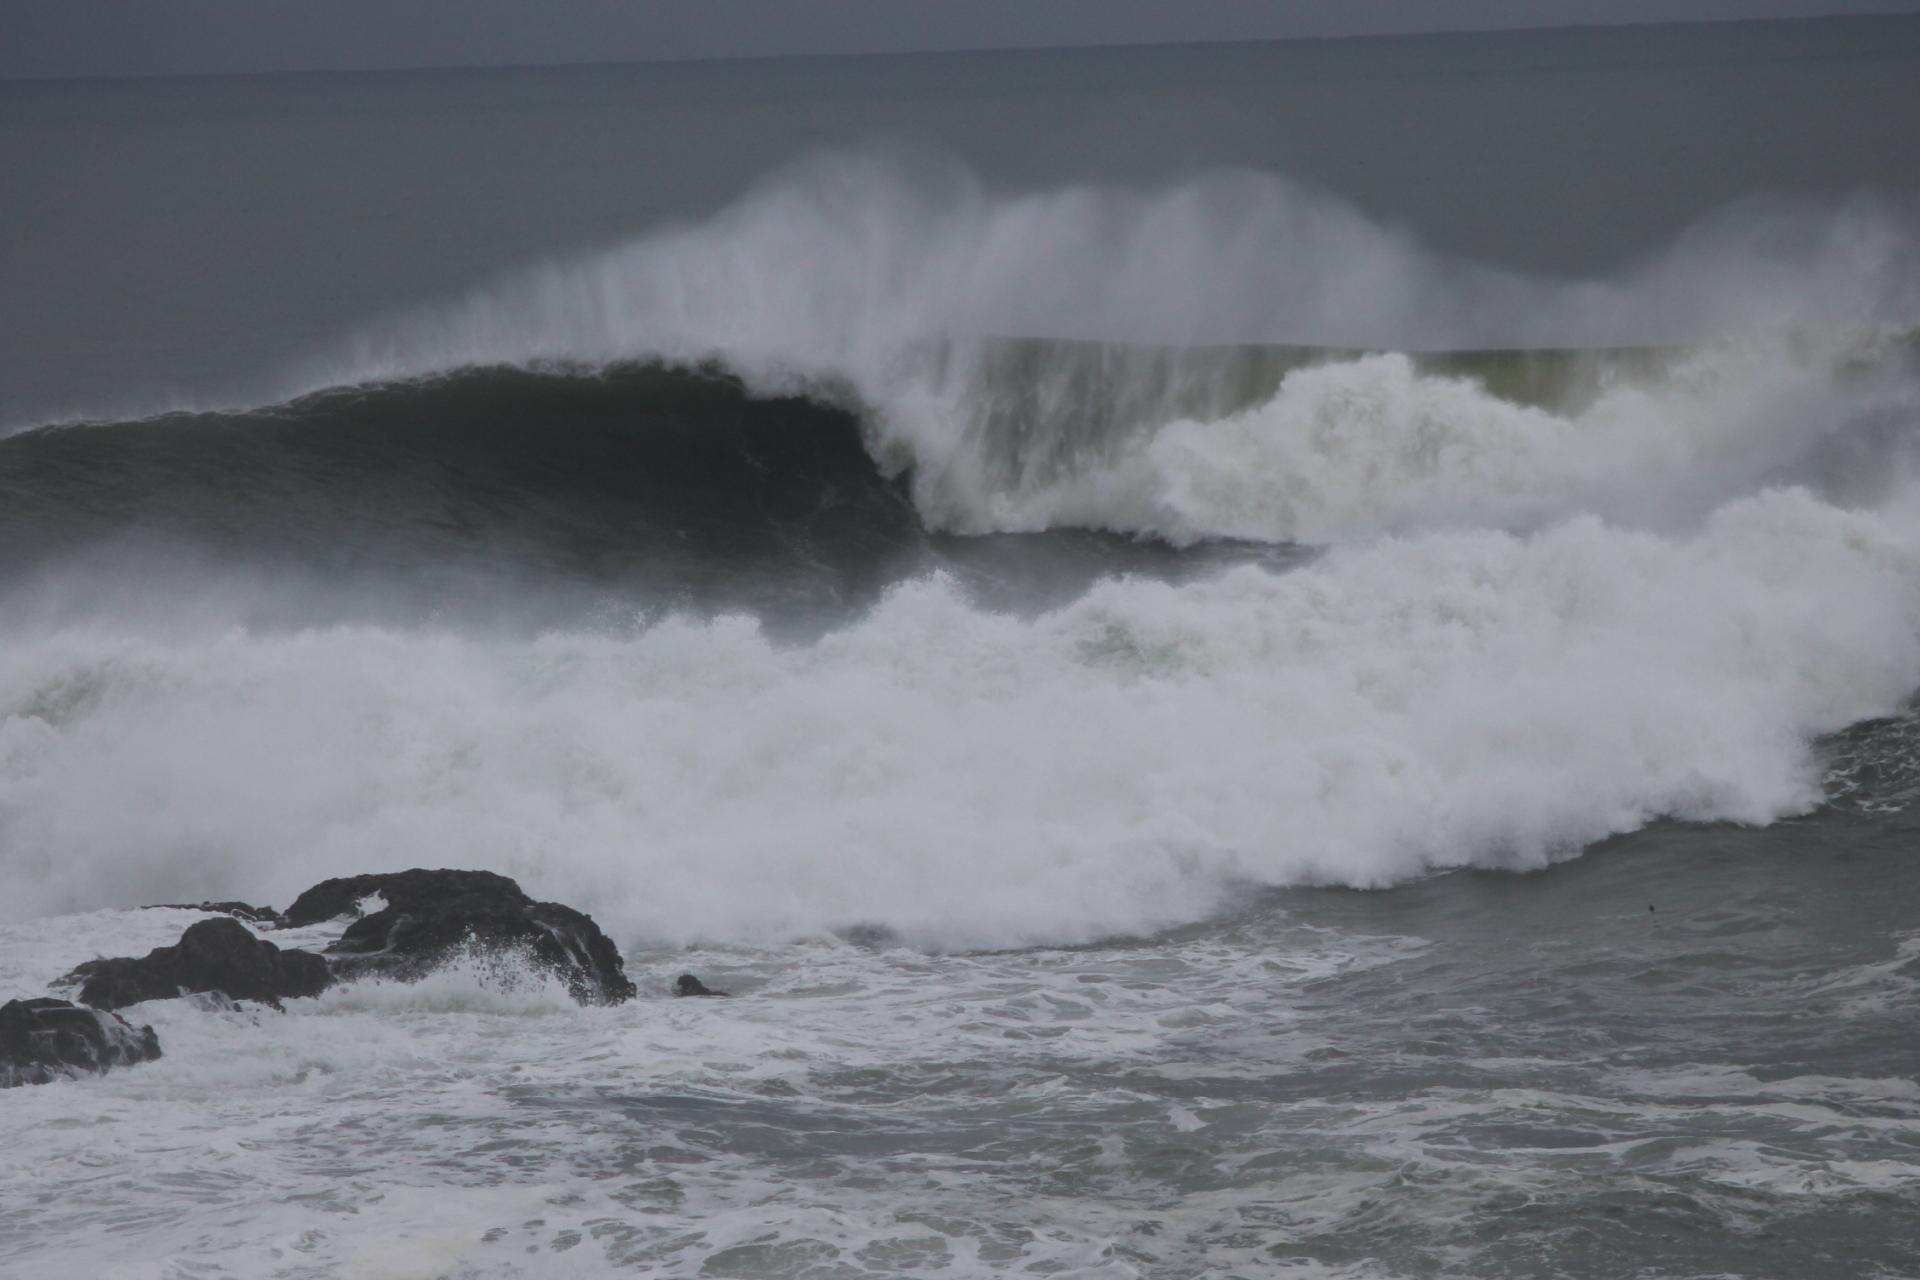 Pacific storm surge